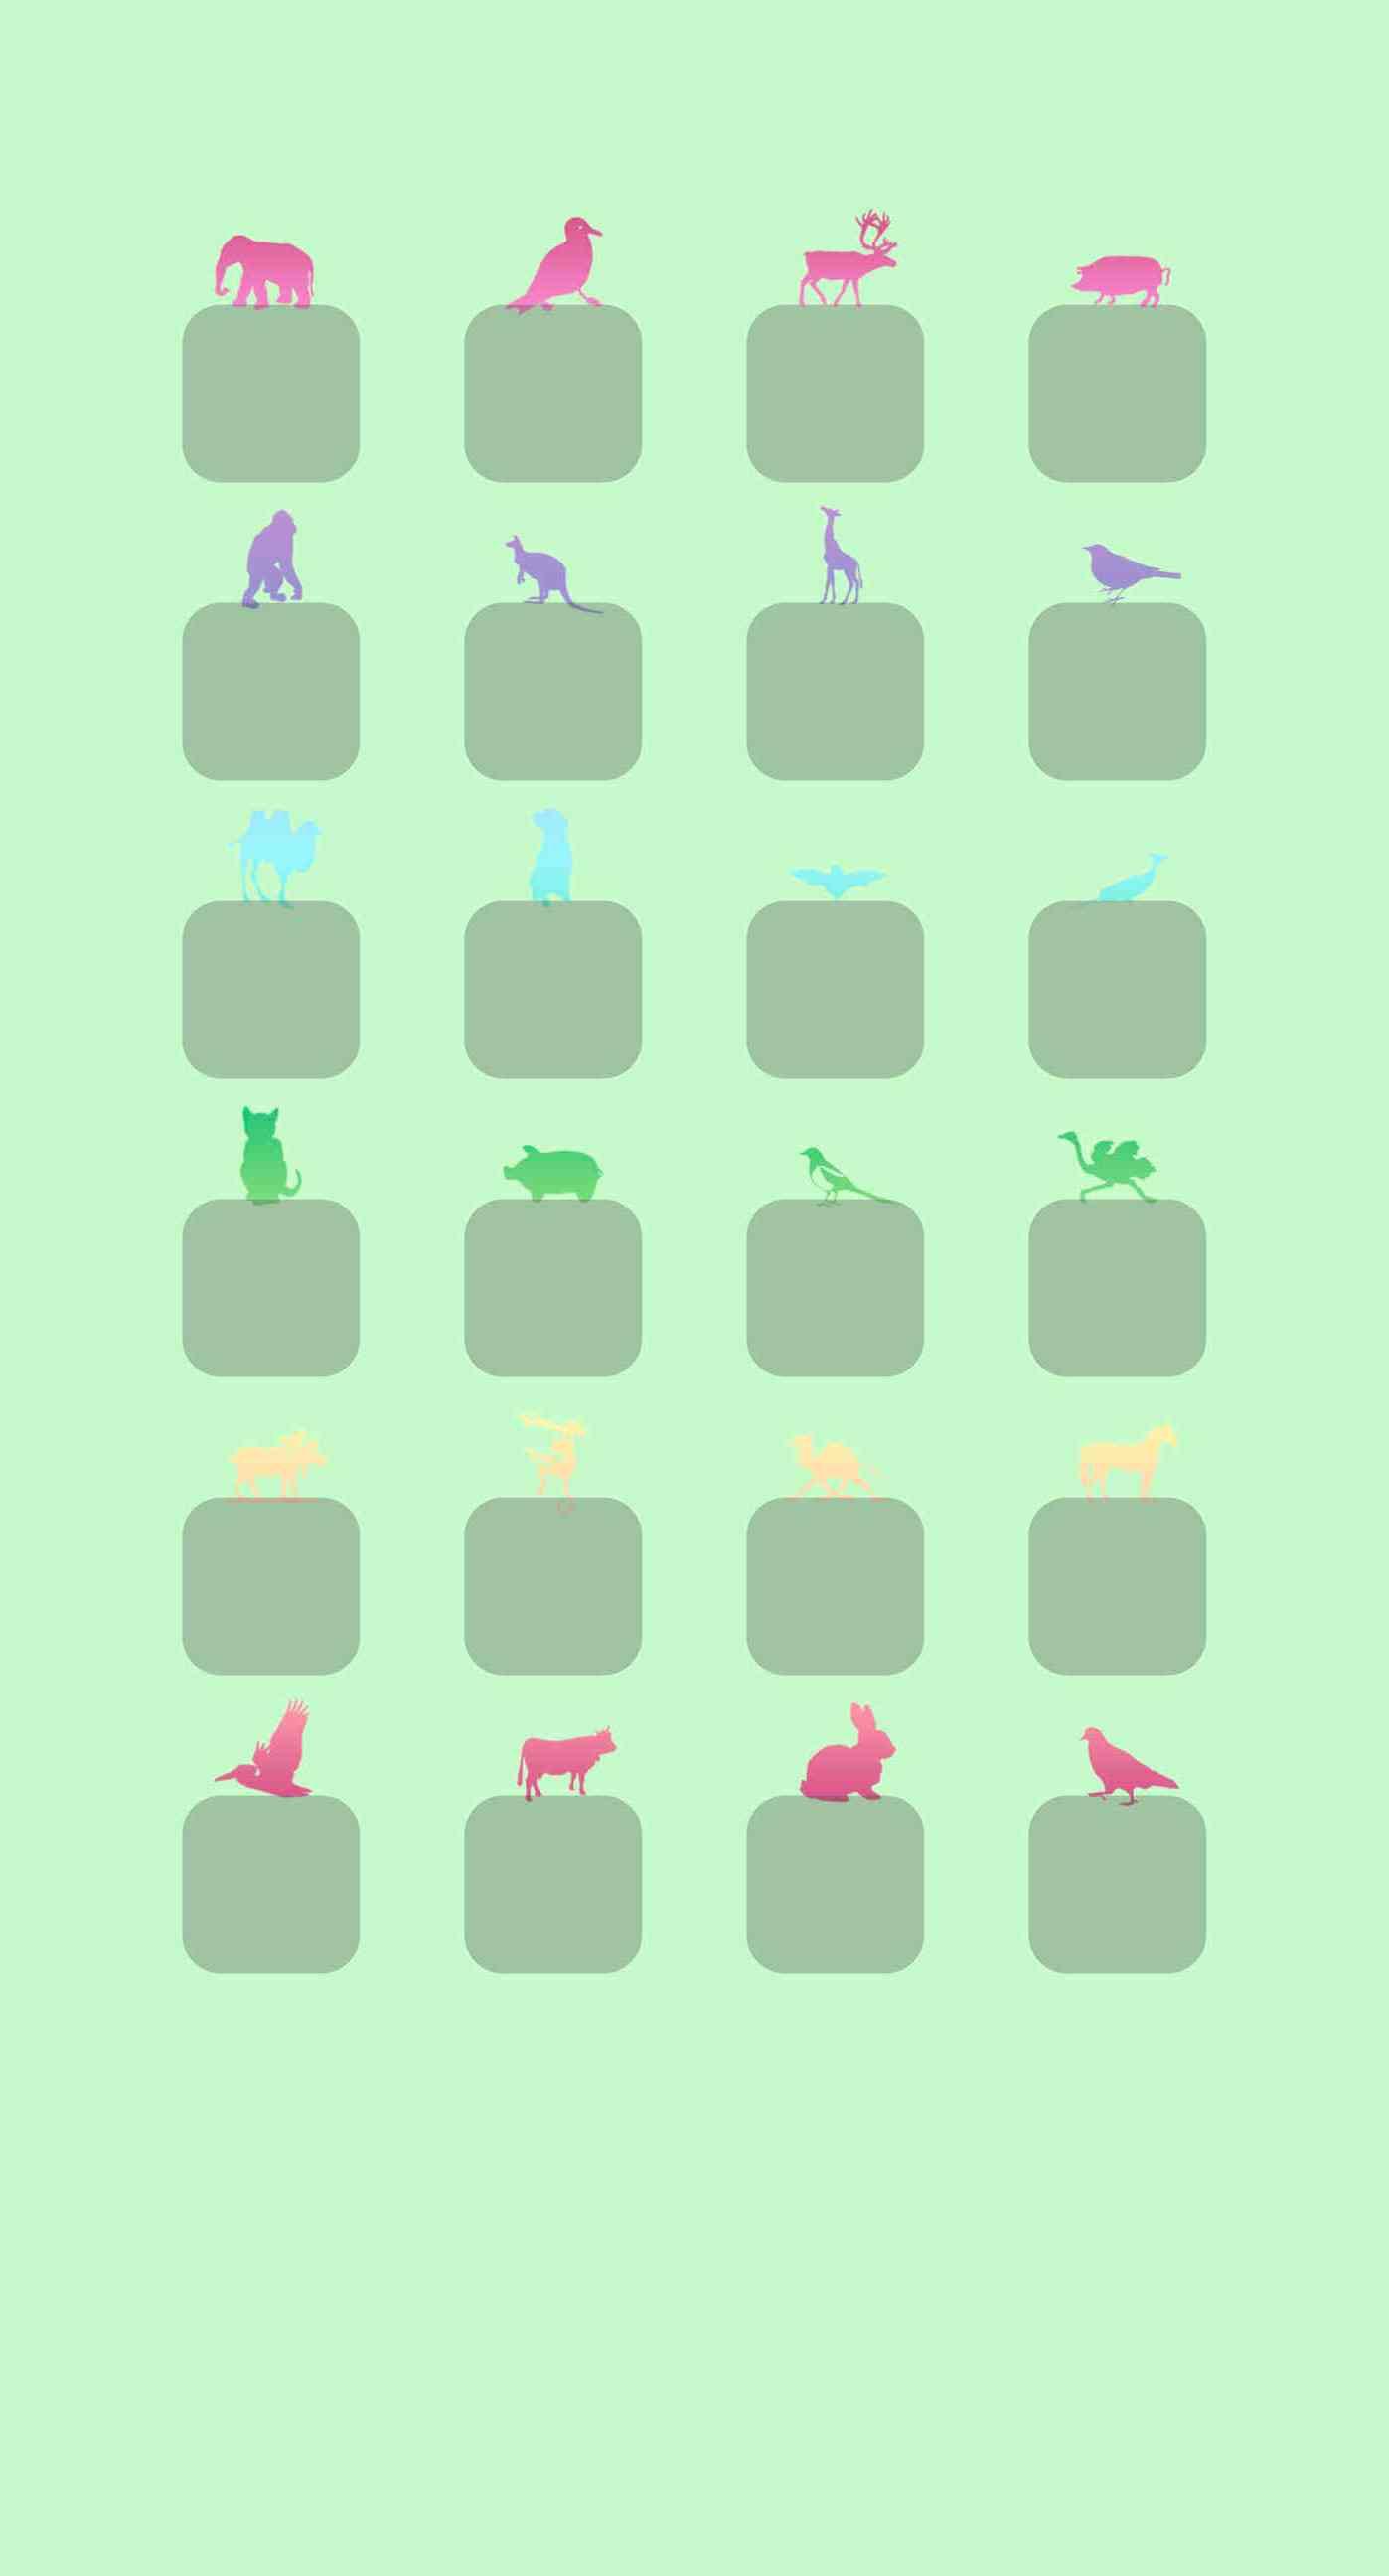 棚緑動物可愛い女子向け Wallpaper Sc Iphone6splus壁紙